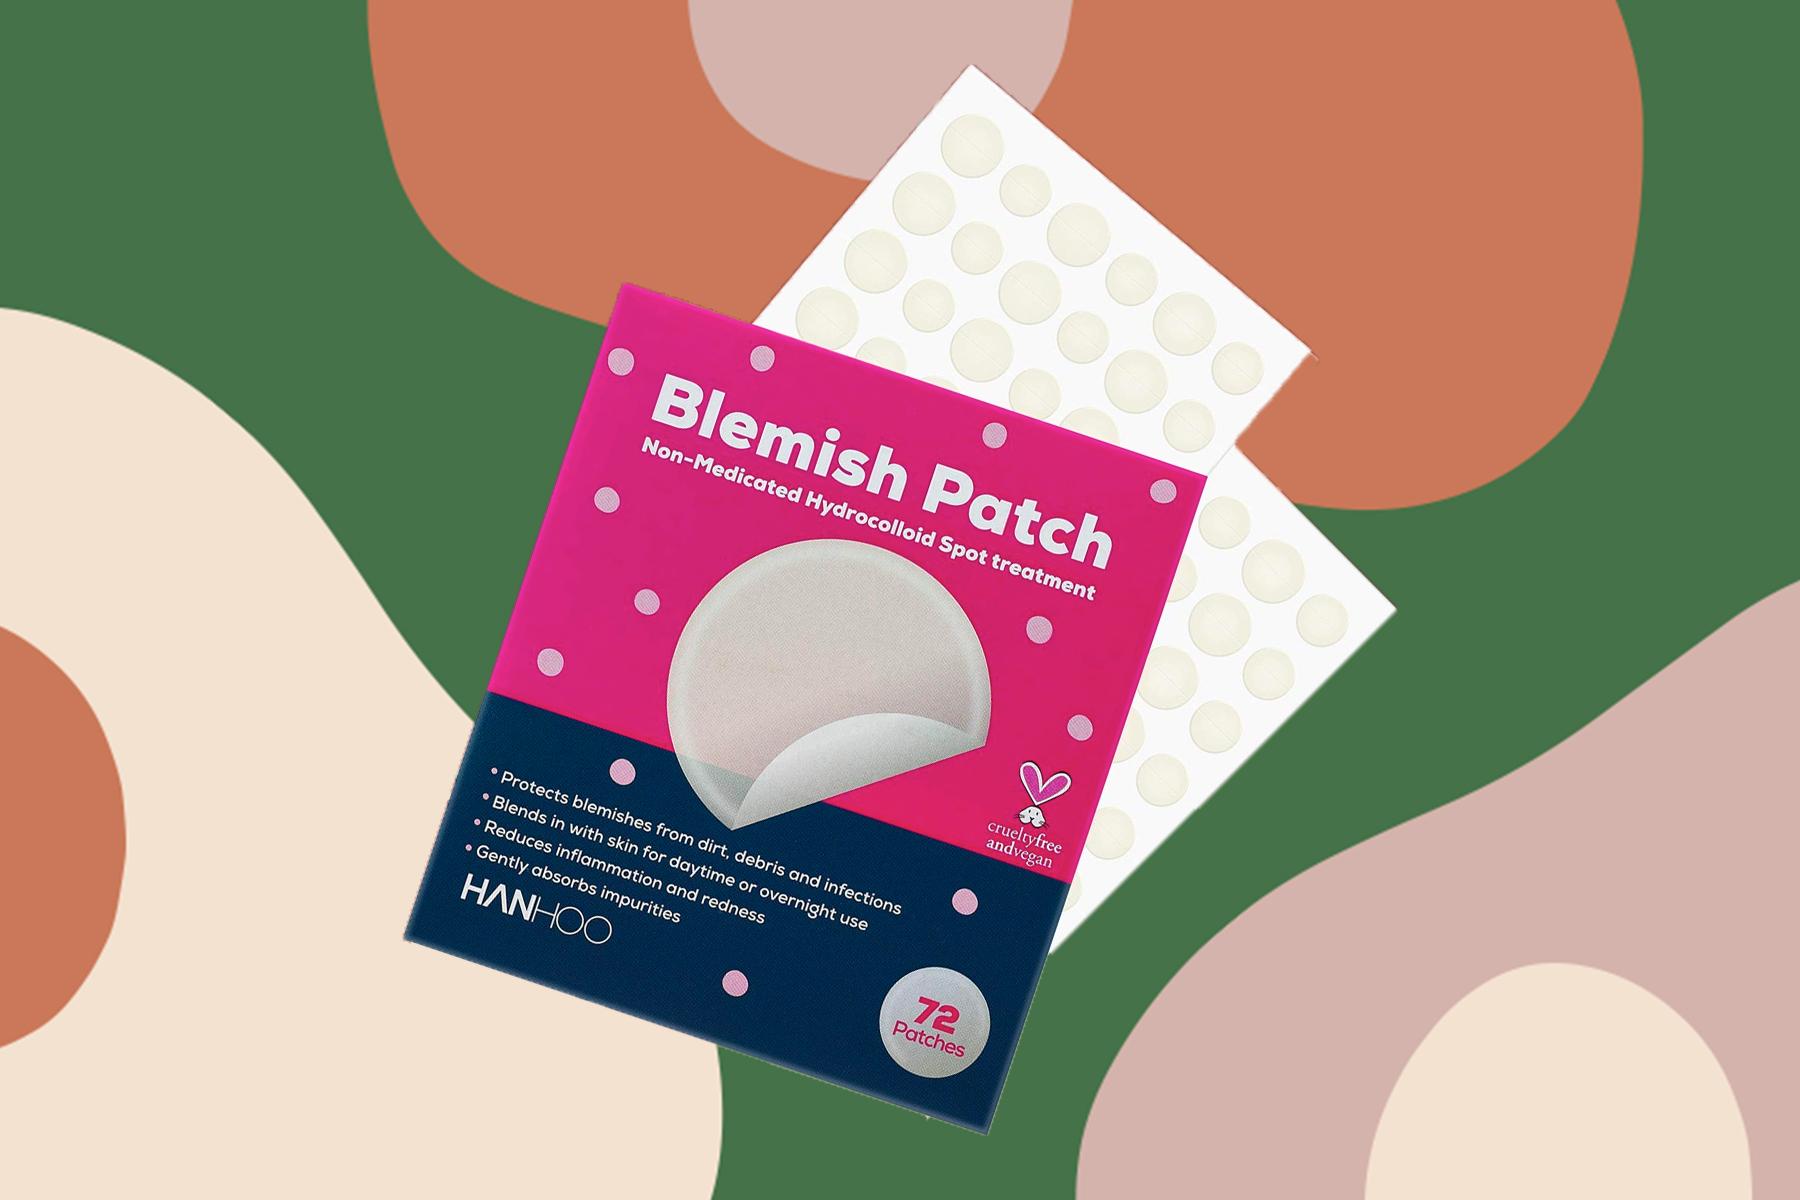 blemish patches